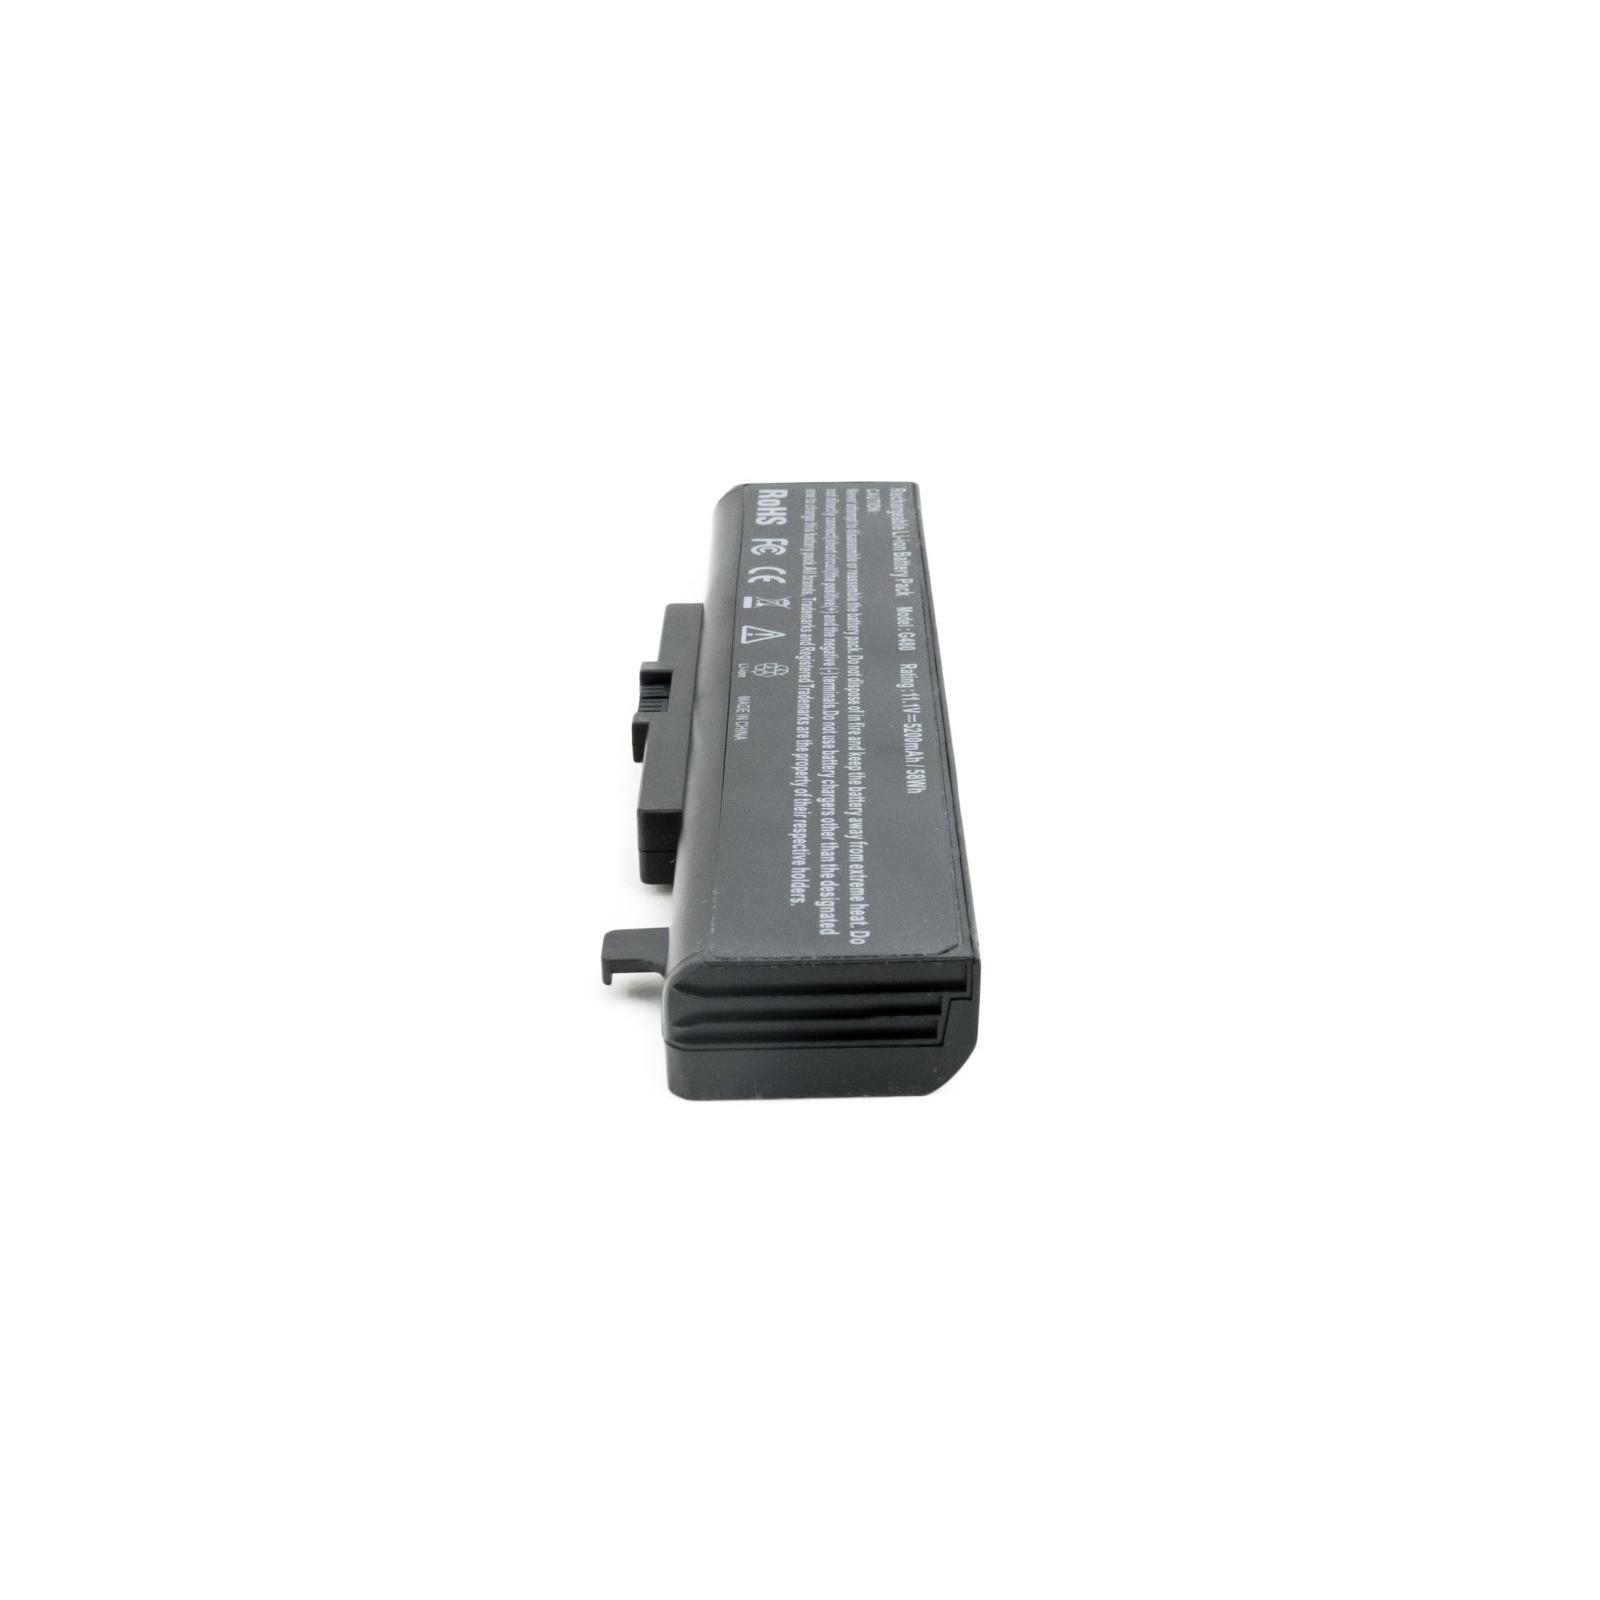 Аккумулятор для ноутбука Lenovo IdeaPad G480 (11.1V, 5200 mAh) EXTRADIGITAL (BNL3964) изображение 5